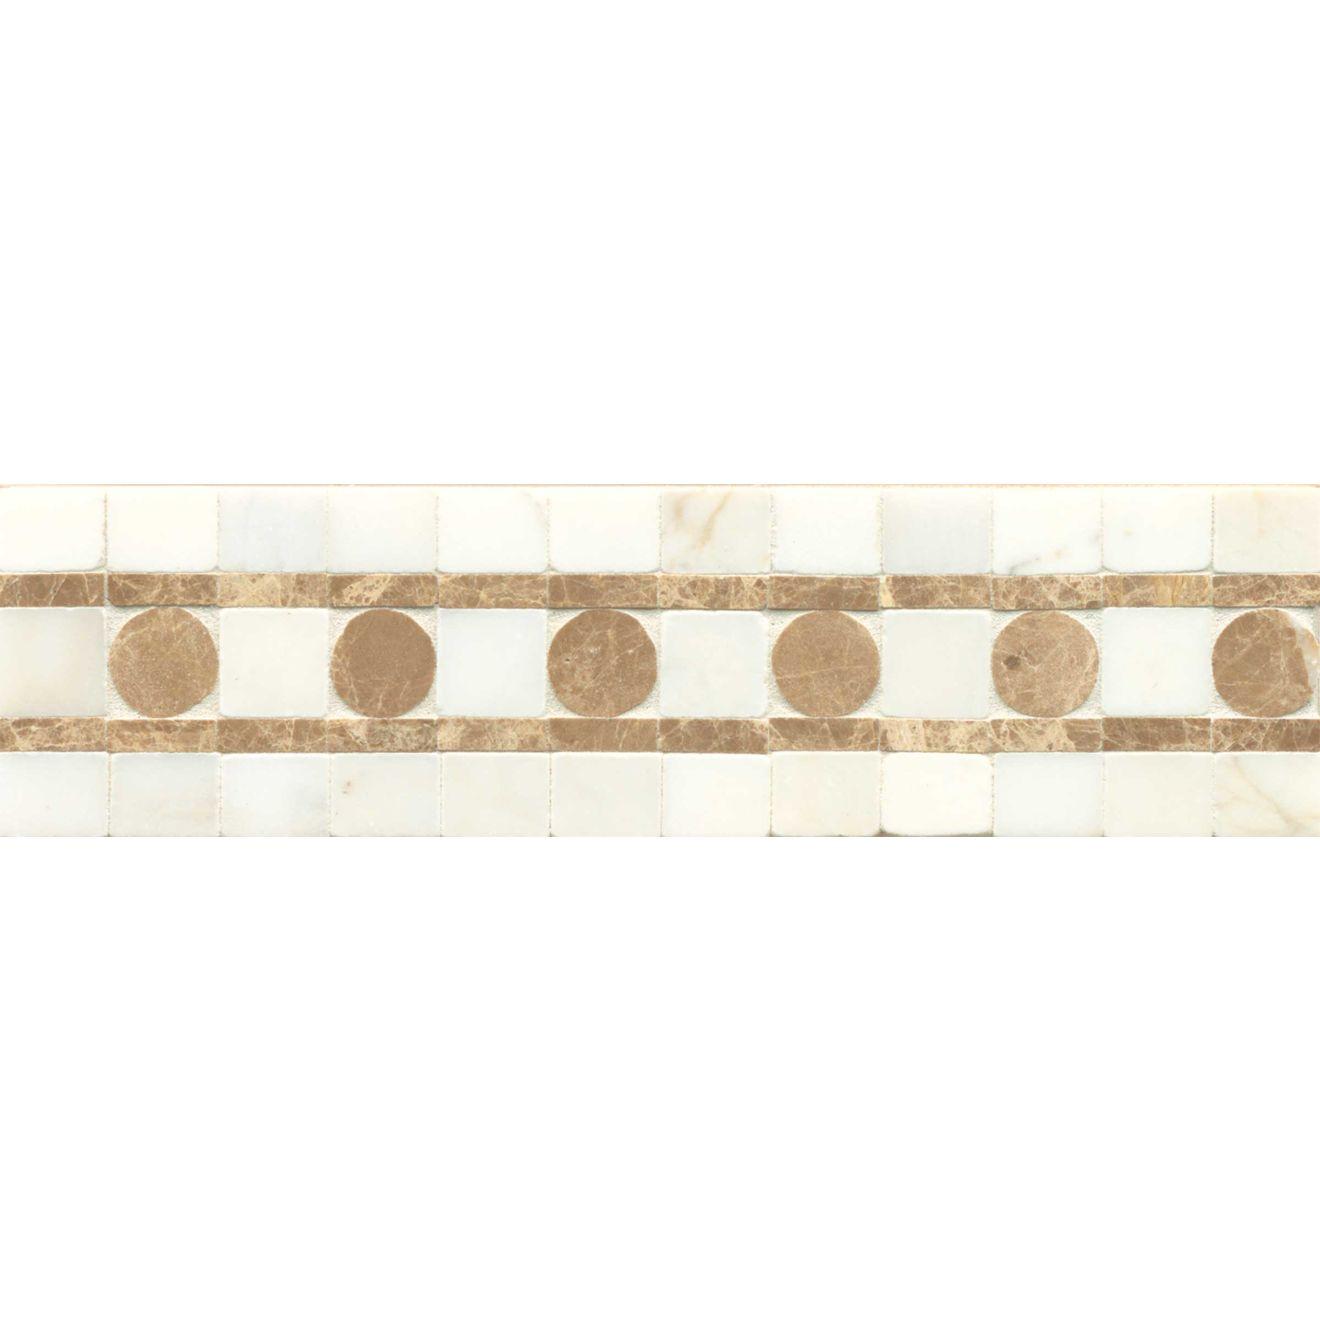 3X12 Liner Sqre Peg-Calacat/Viburnum